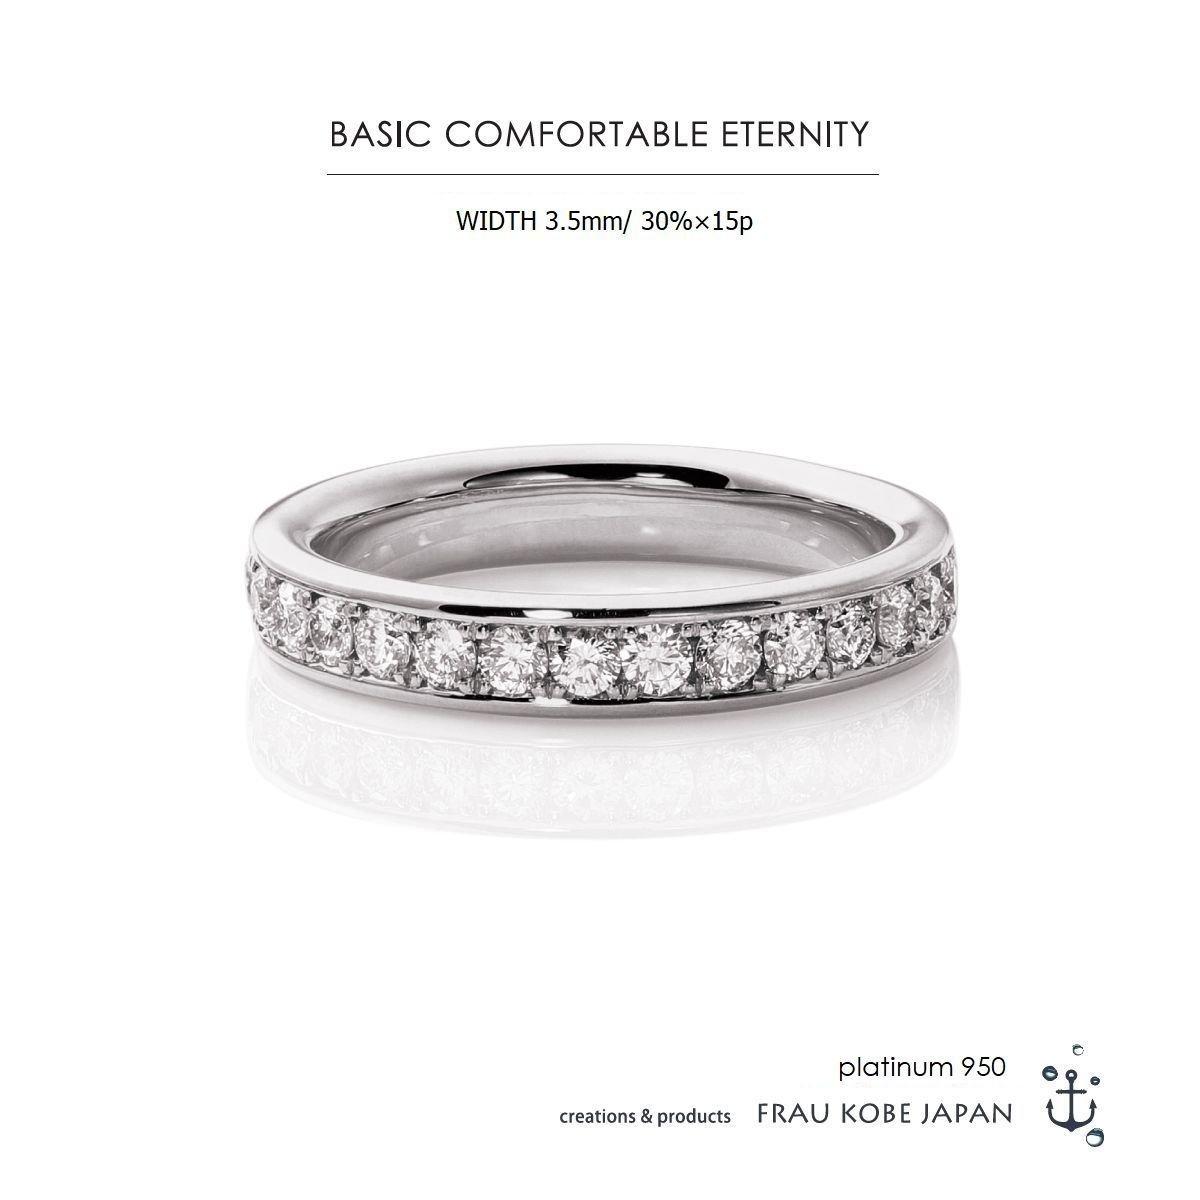 「BASIC COMFORTABLE ETERNITY」エタニティリング3.5mm